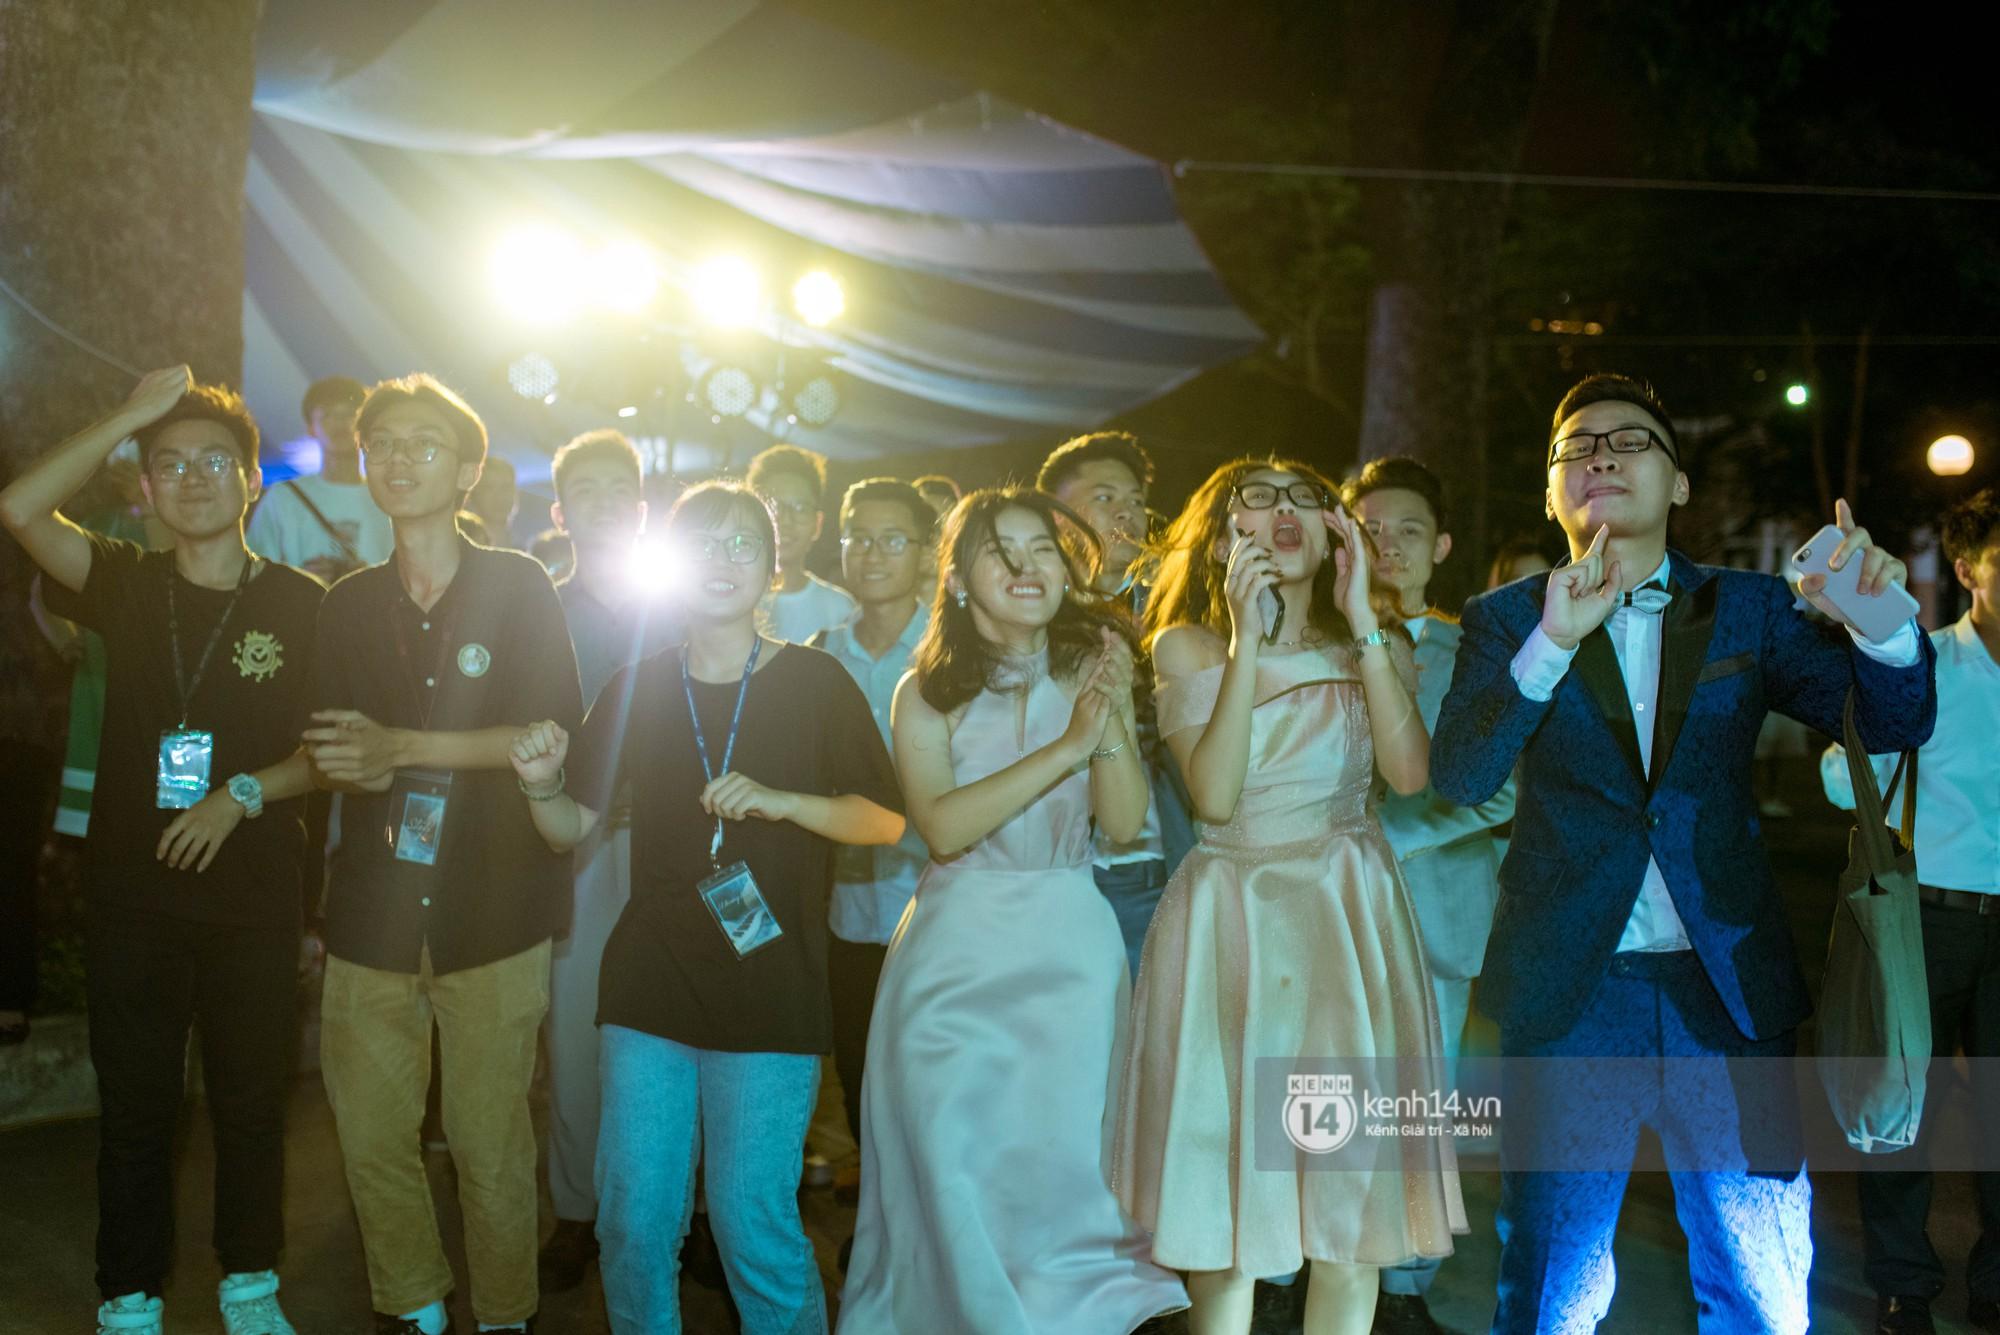 Ảnh 10: Tiệc trưởng thành trường Chu Văn An - We25.vn